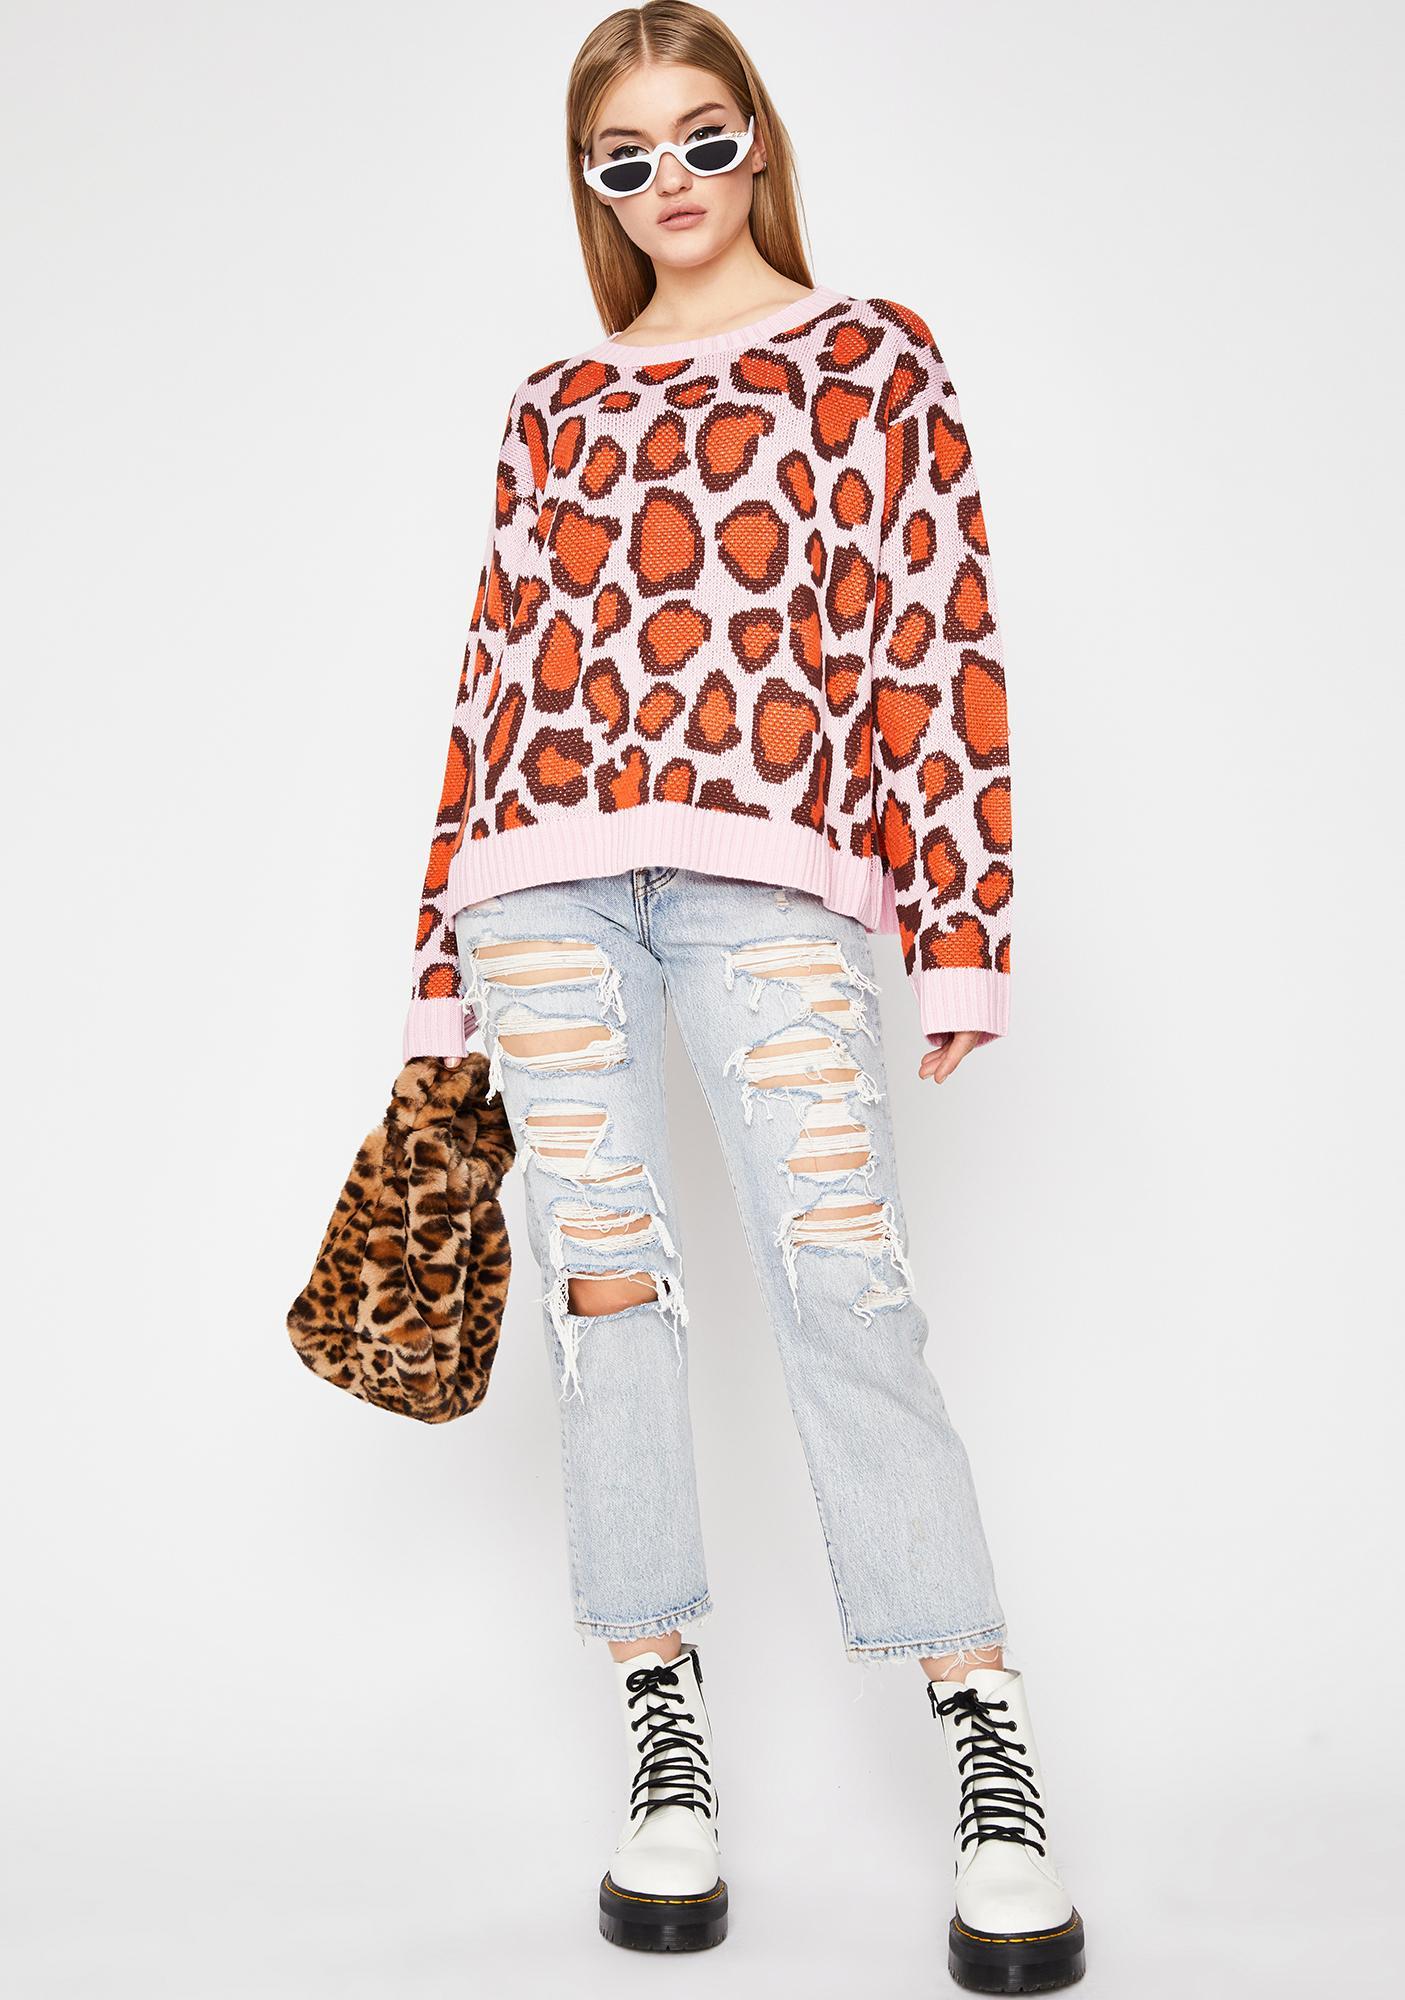 Pounce Possy Leopard Sweater